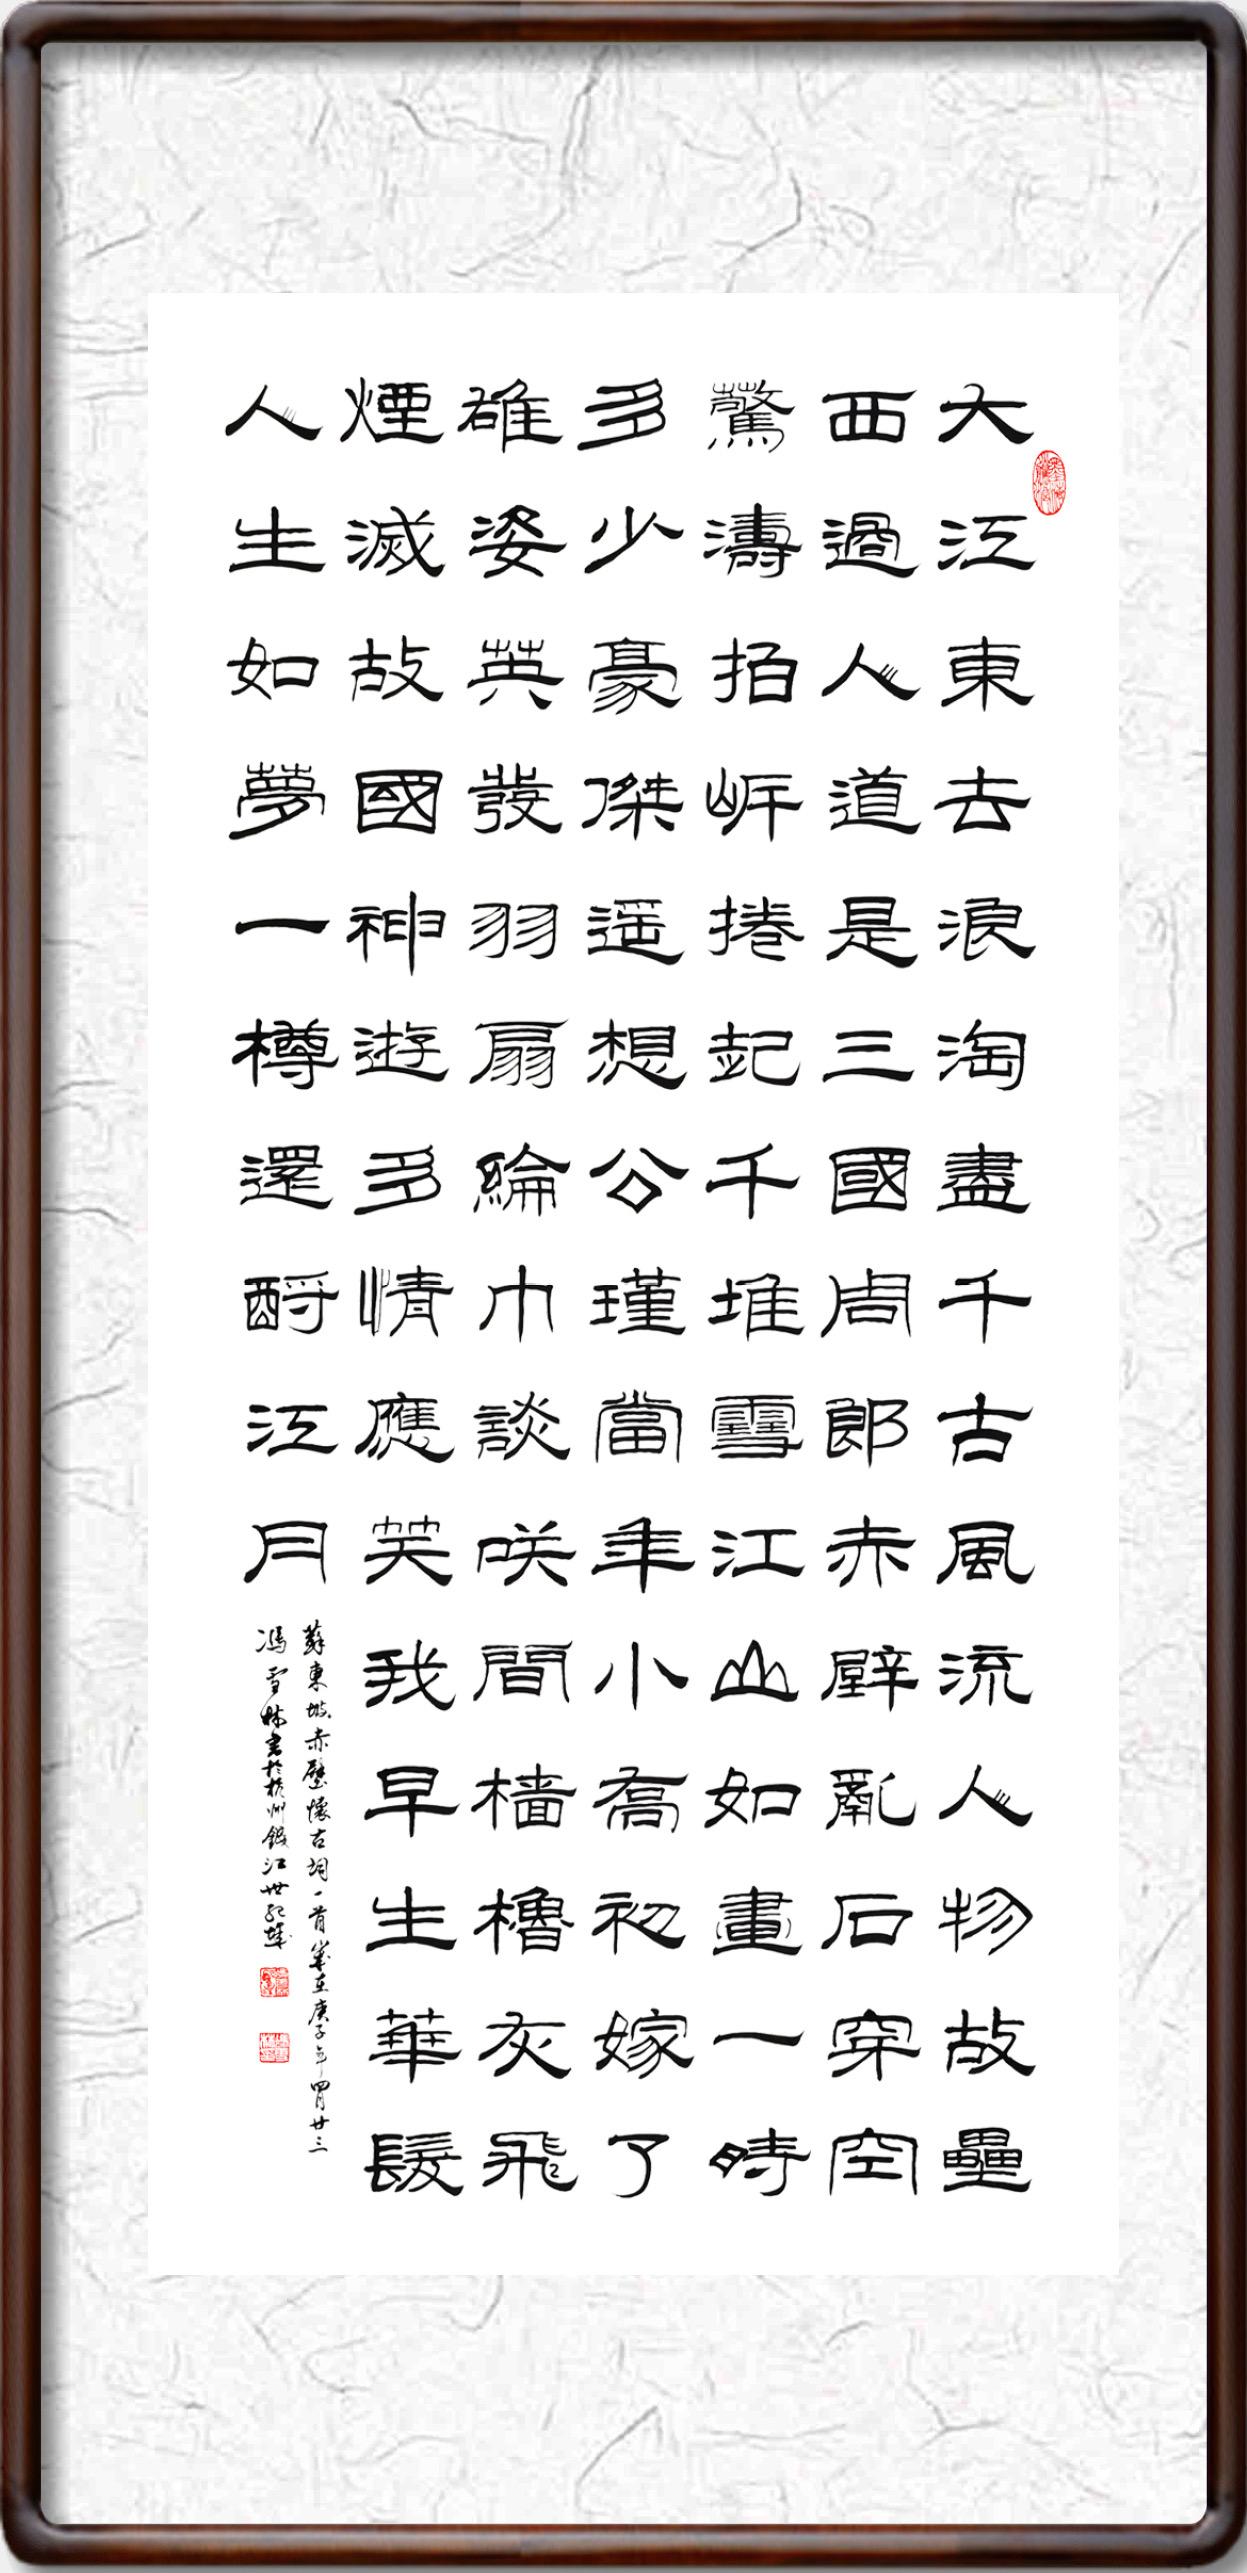 赤壁怀古隶书书法作品、大江东去书法作品欣赏